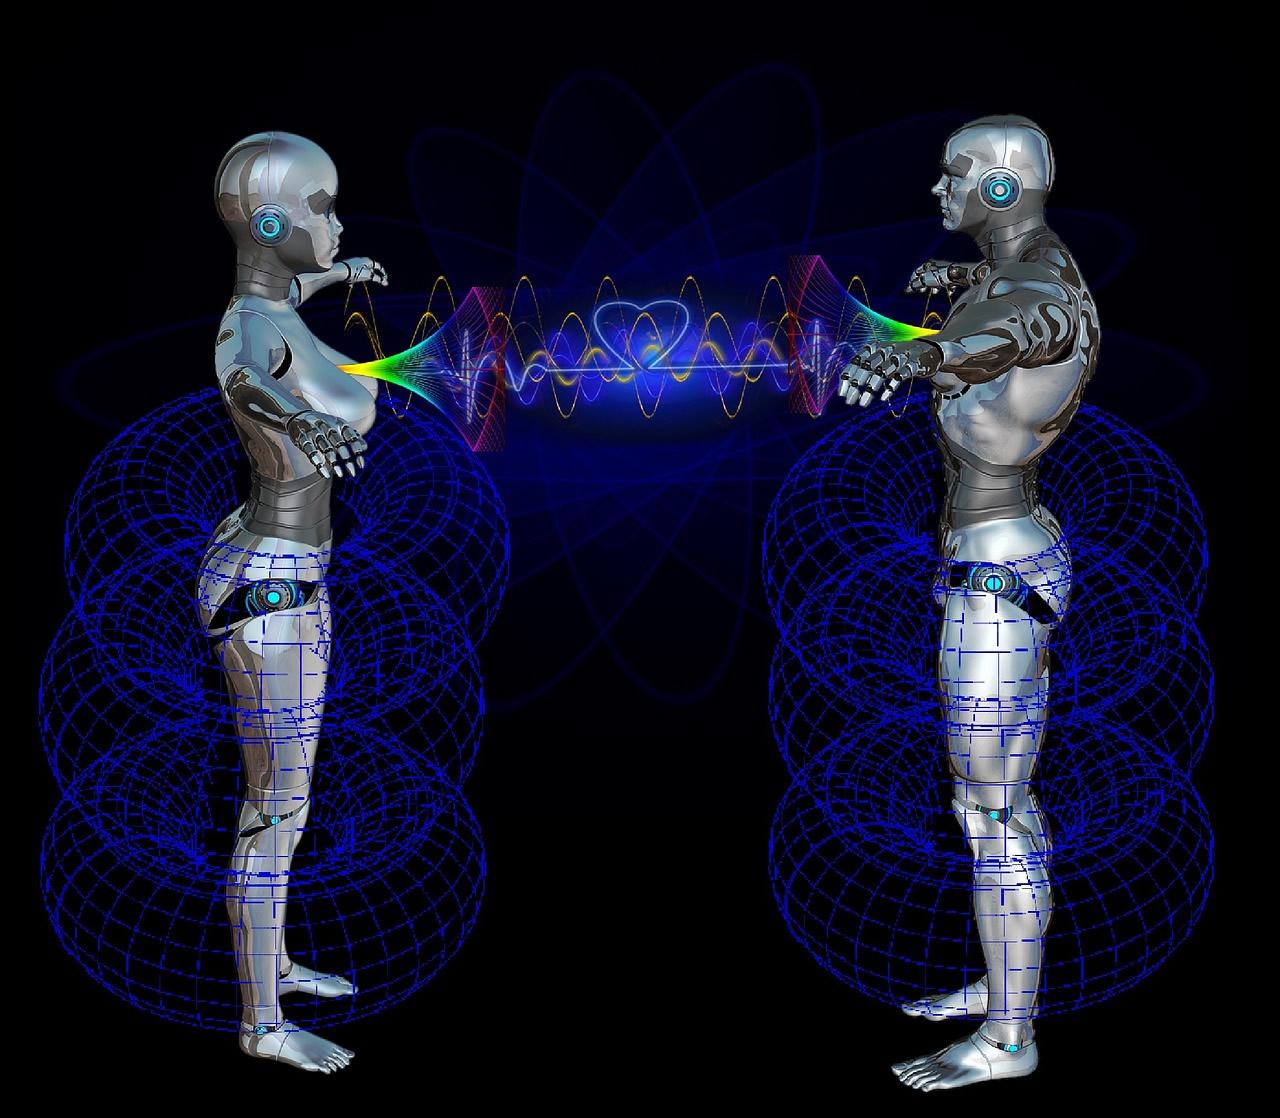 Interaktion auf Herzebene - Quantenheilung und Neuordnung